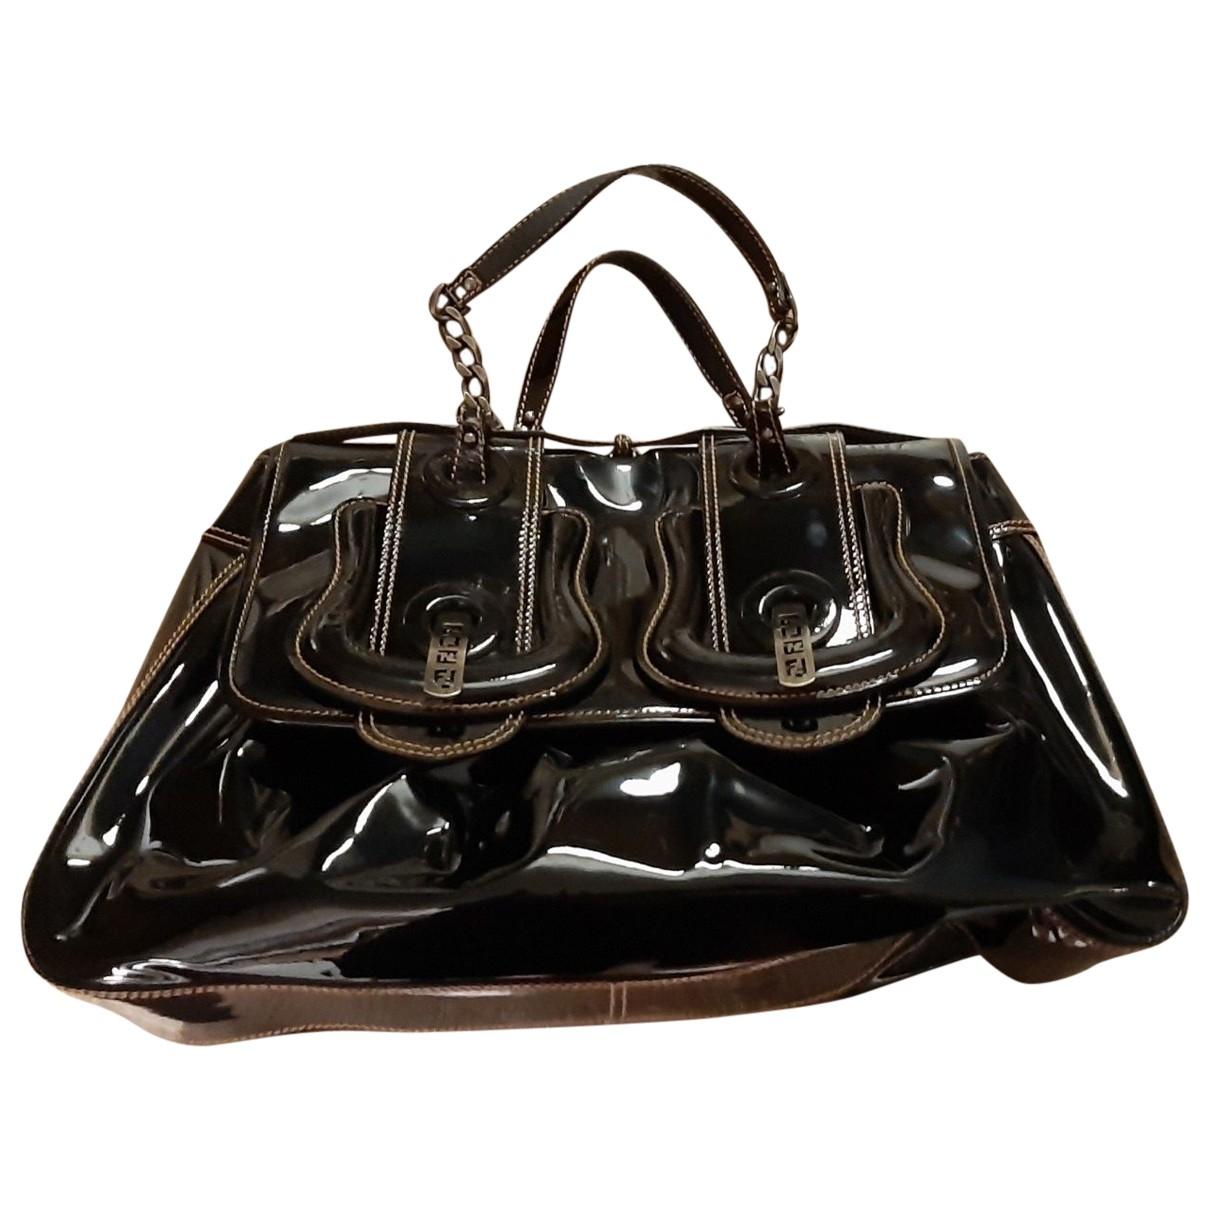 Fendi - Sac a main B Bag pour femme en cuir verni - noir